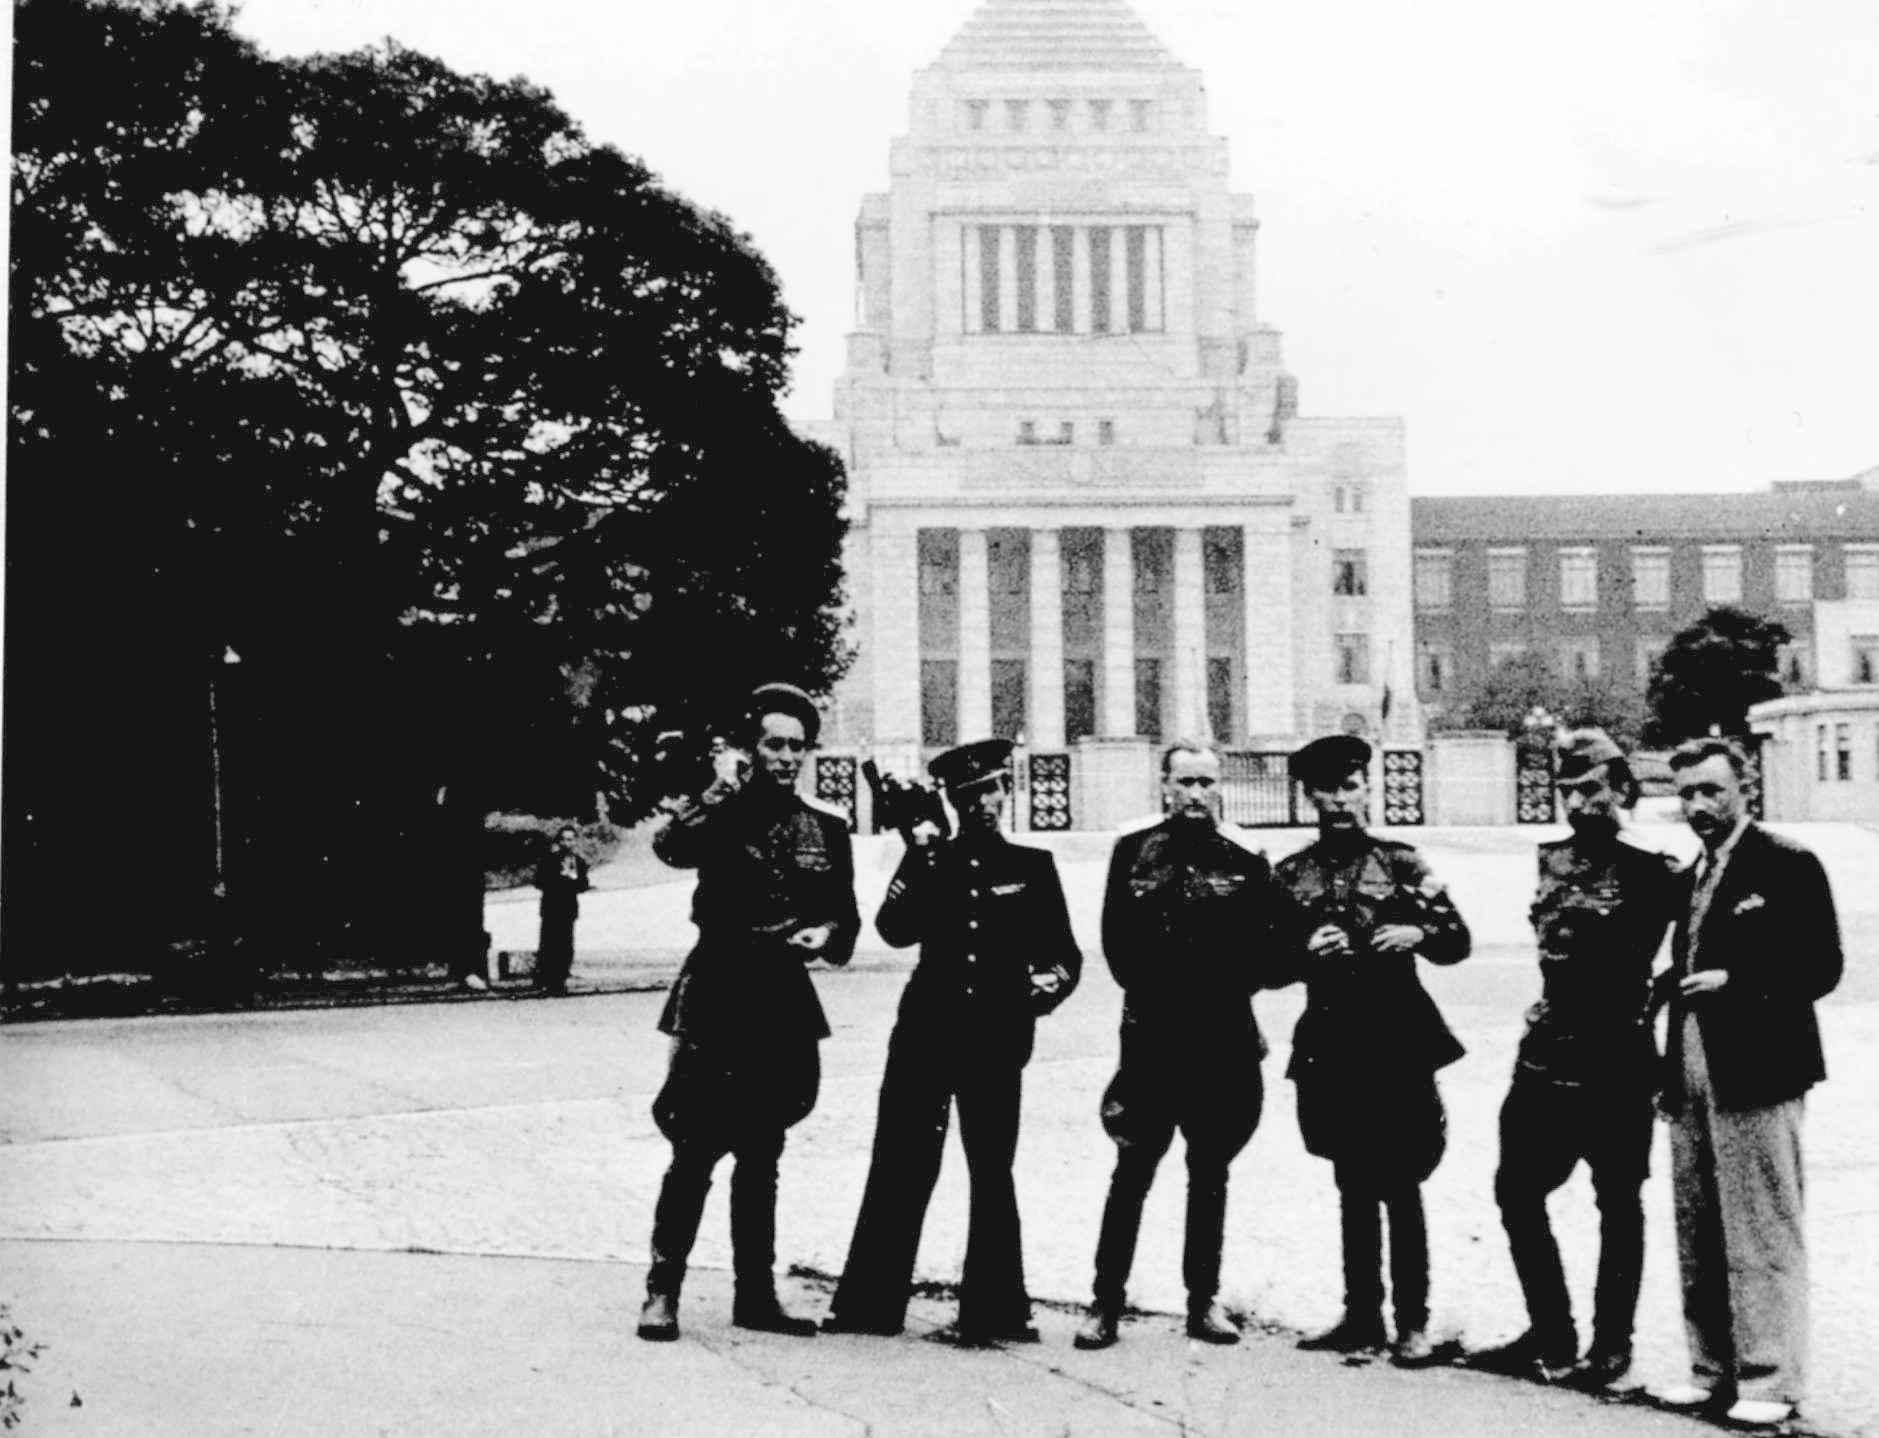 Экспонат #19. У здания парламента Японии в Токио. Сентябрь 1945 года